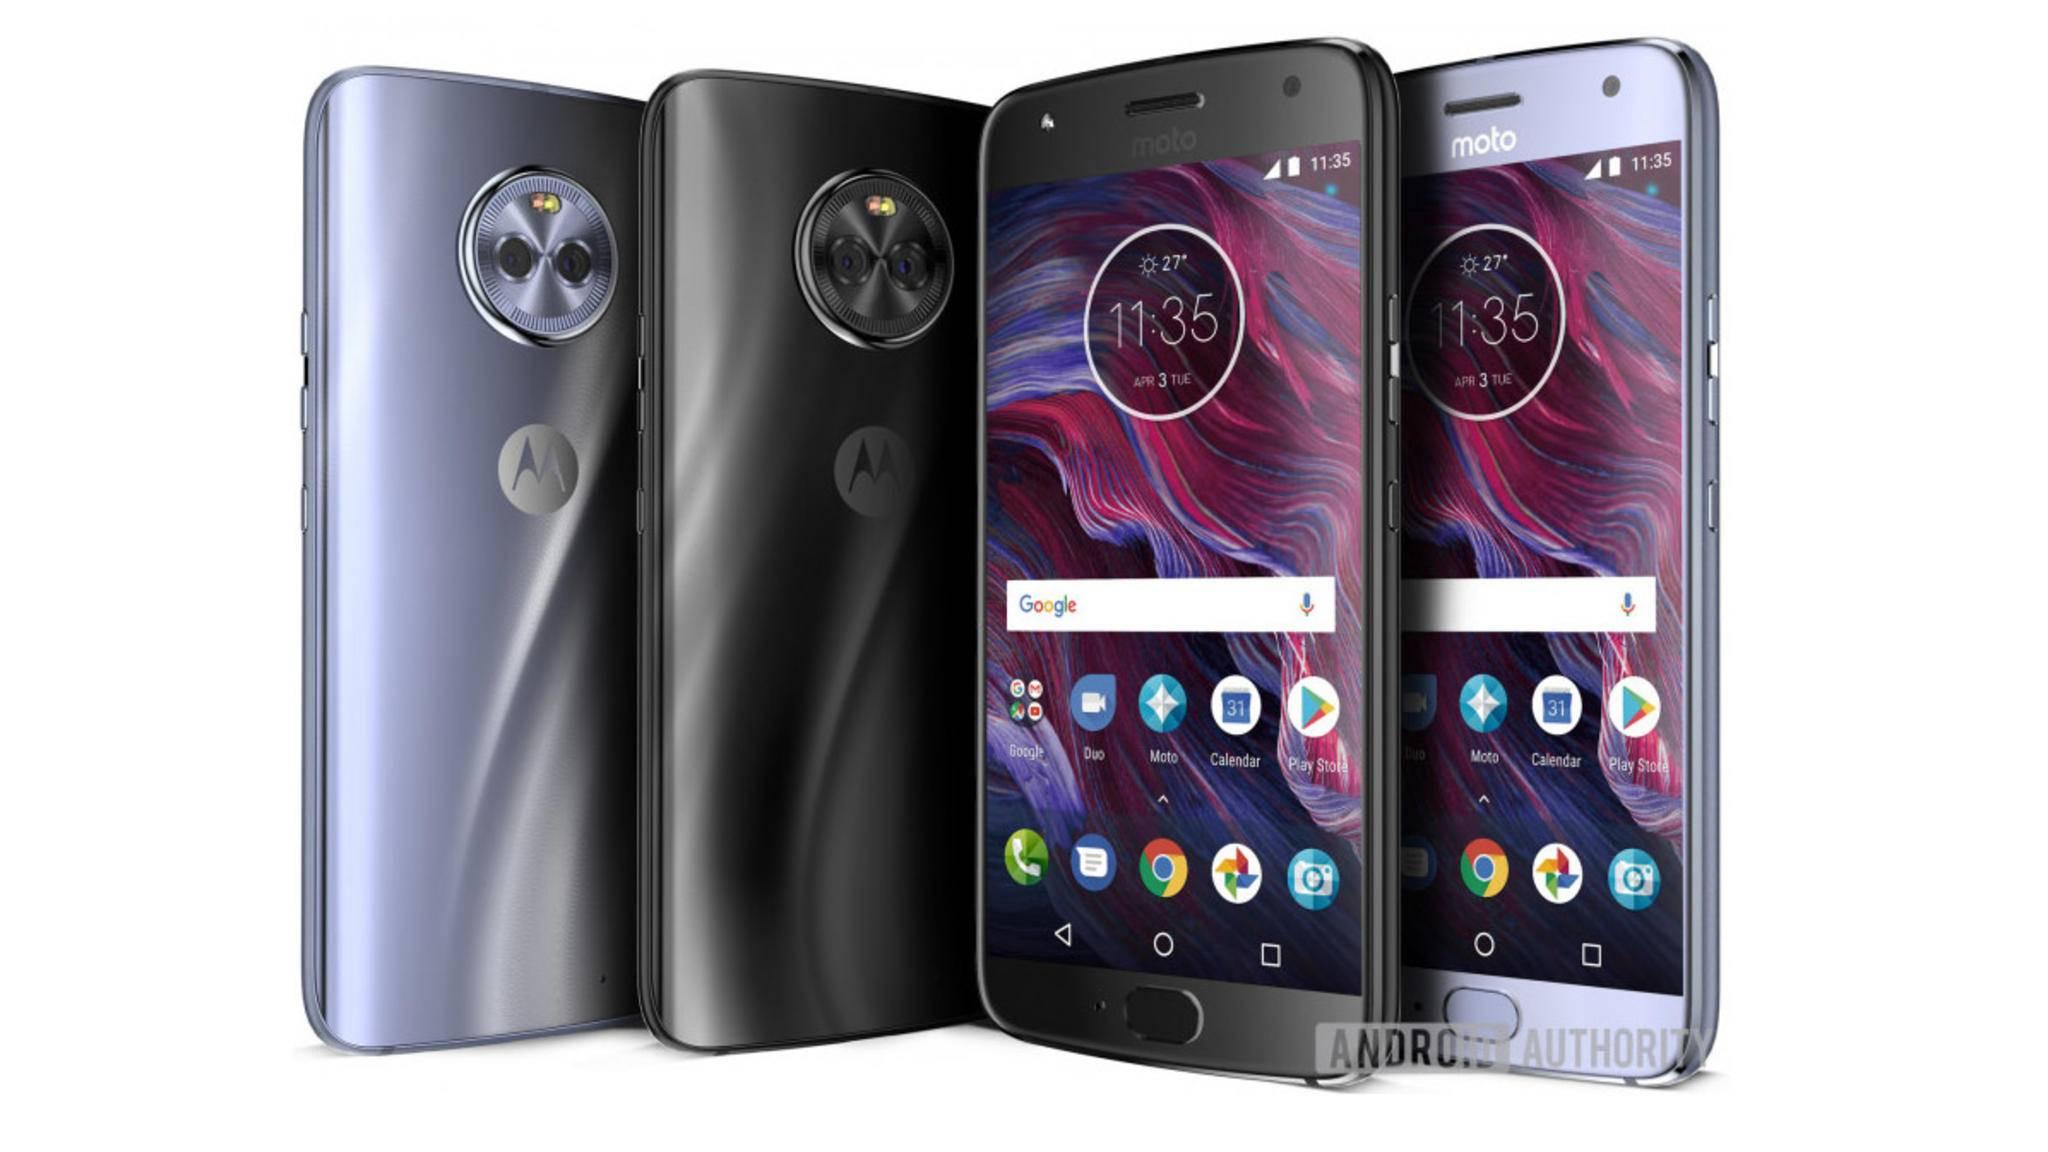 Die Bluetooth-Features des Moto X4 sind revolutionär.